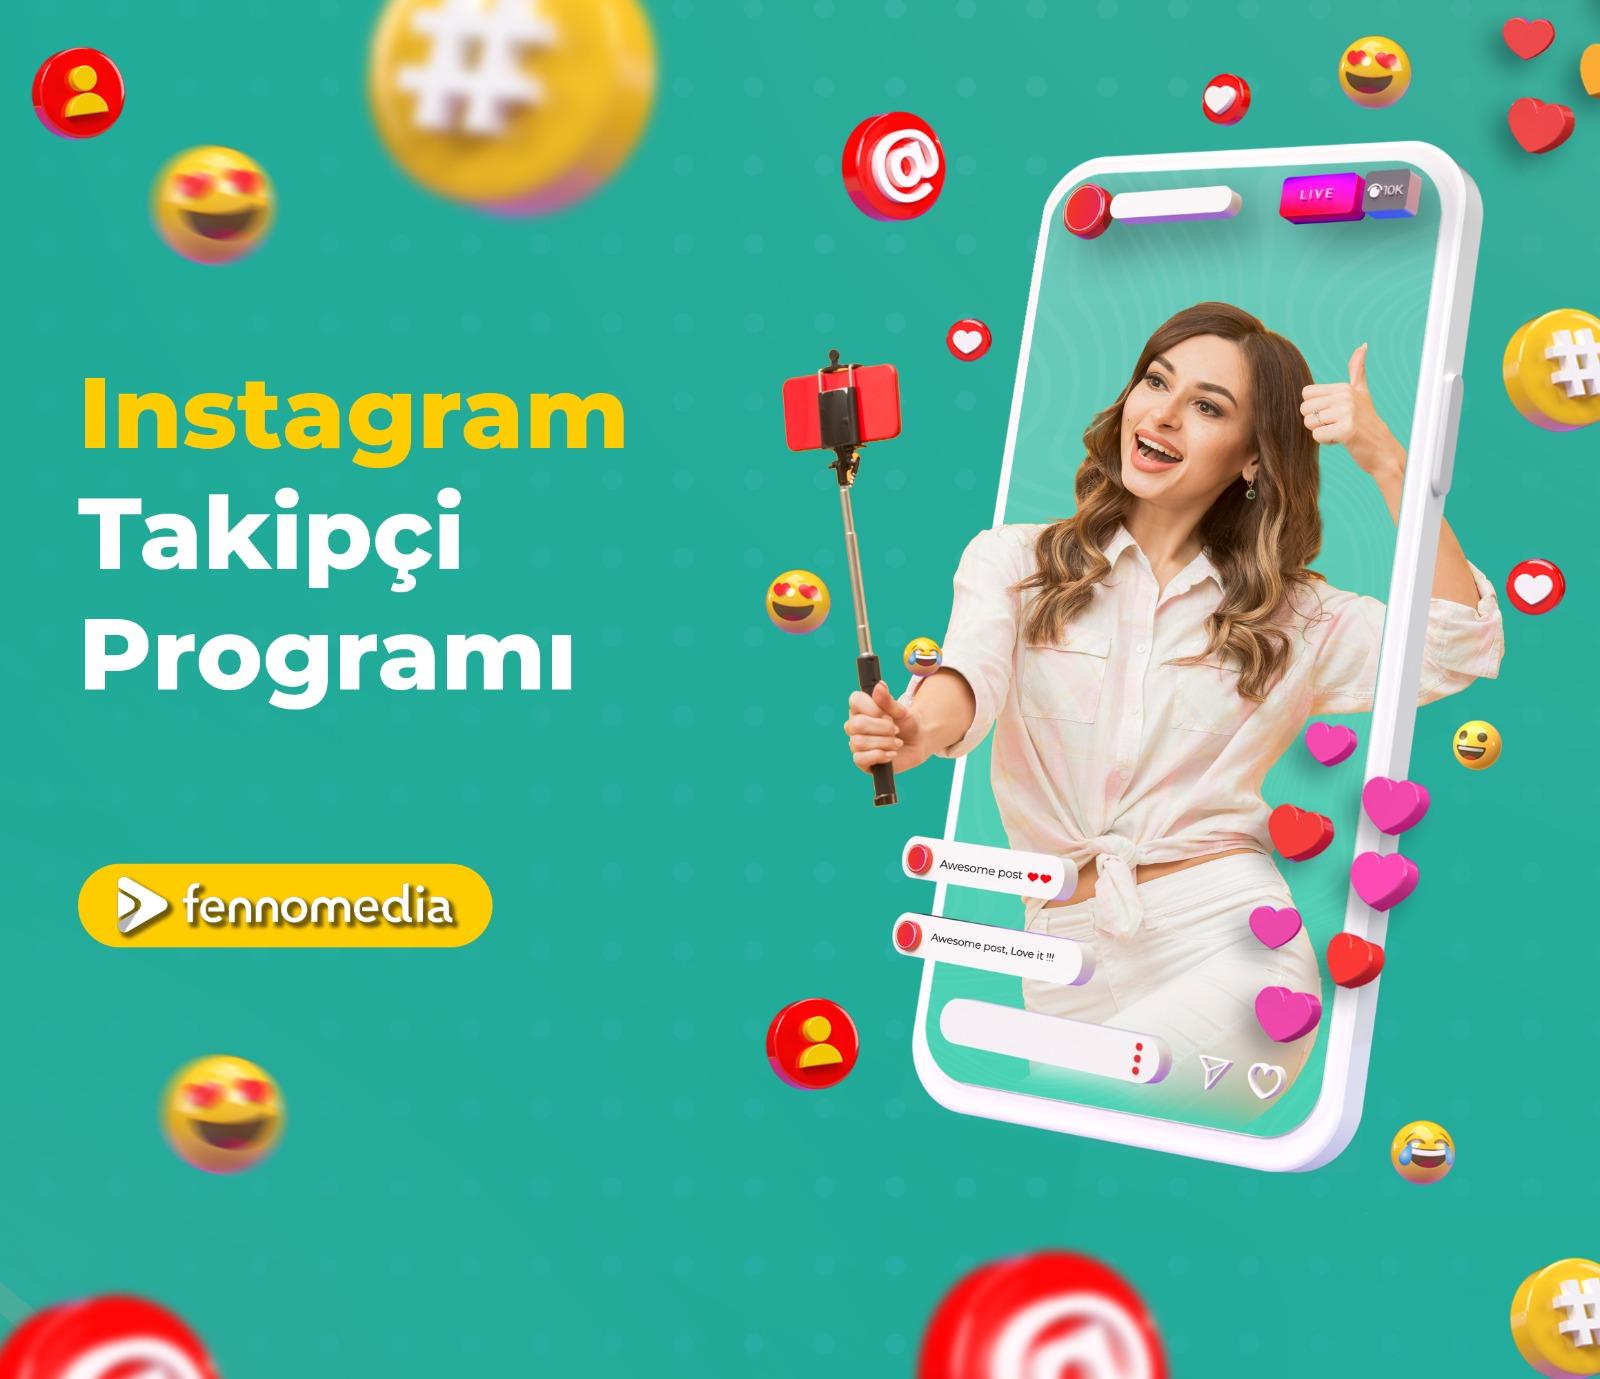 Instagram takipçi programı